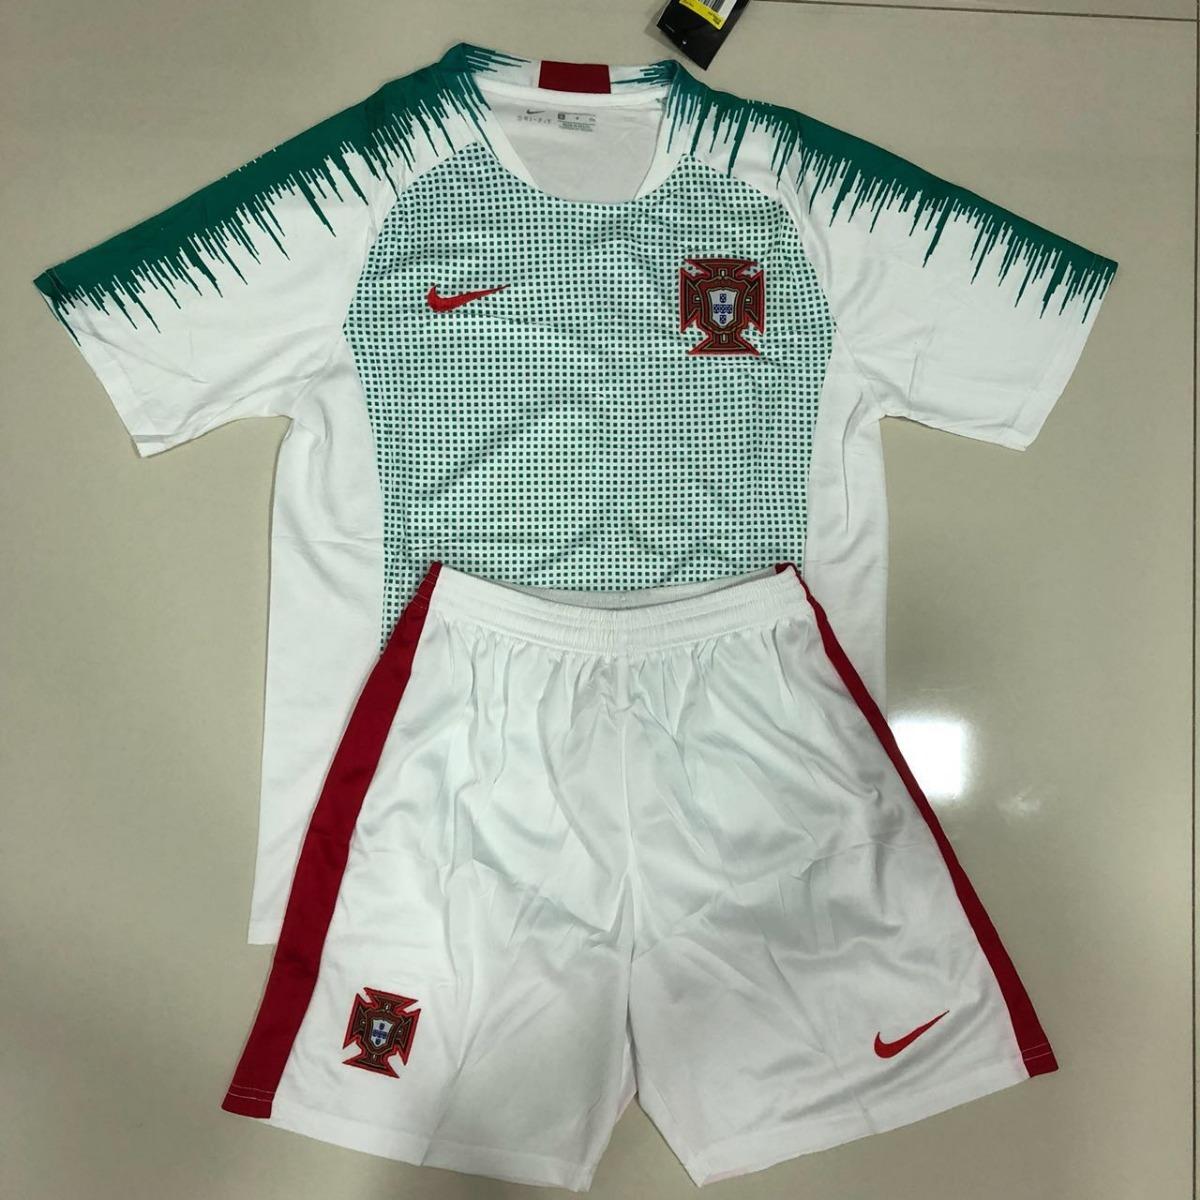 Uniforme Adulto Camisa E Shorts Seleção Portugal Copa 2018 - R  190 ... 0f18069a96b77